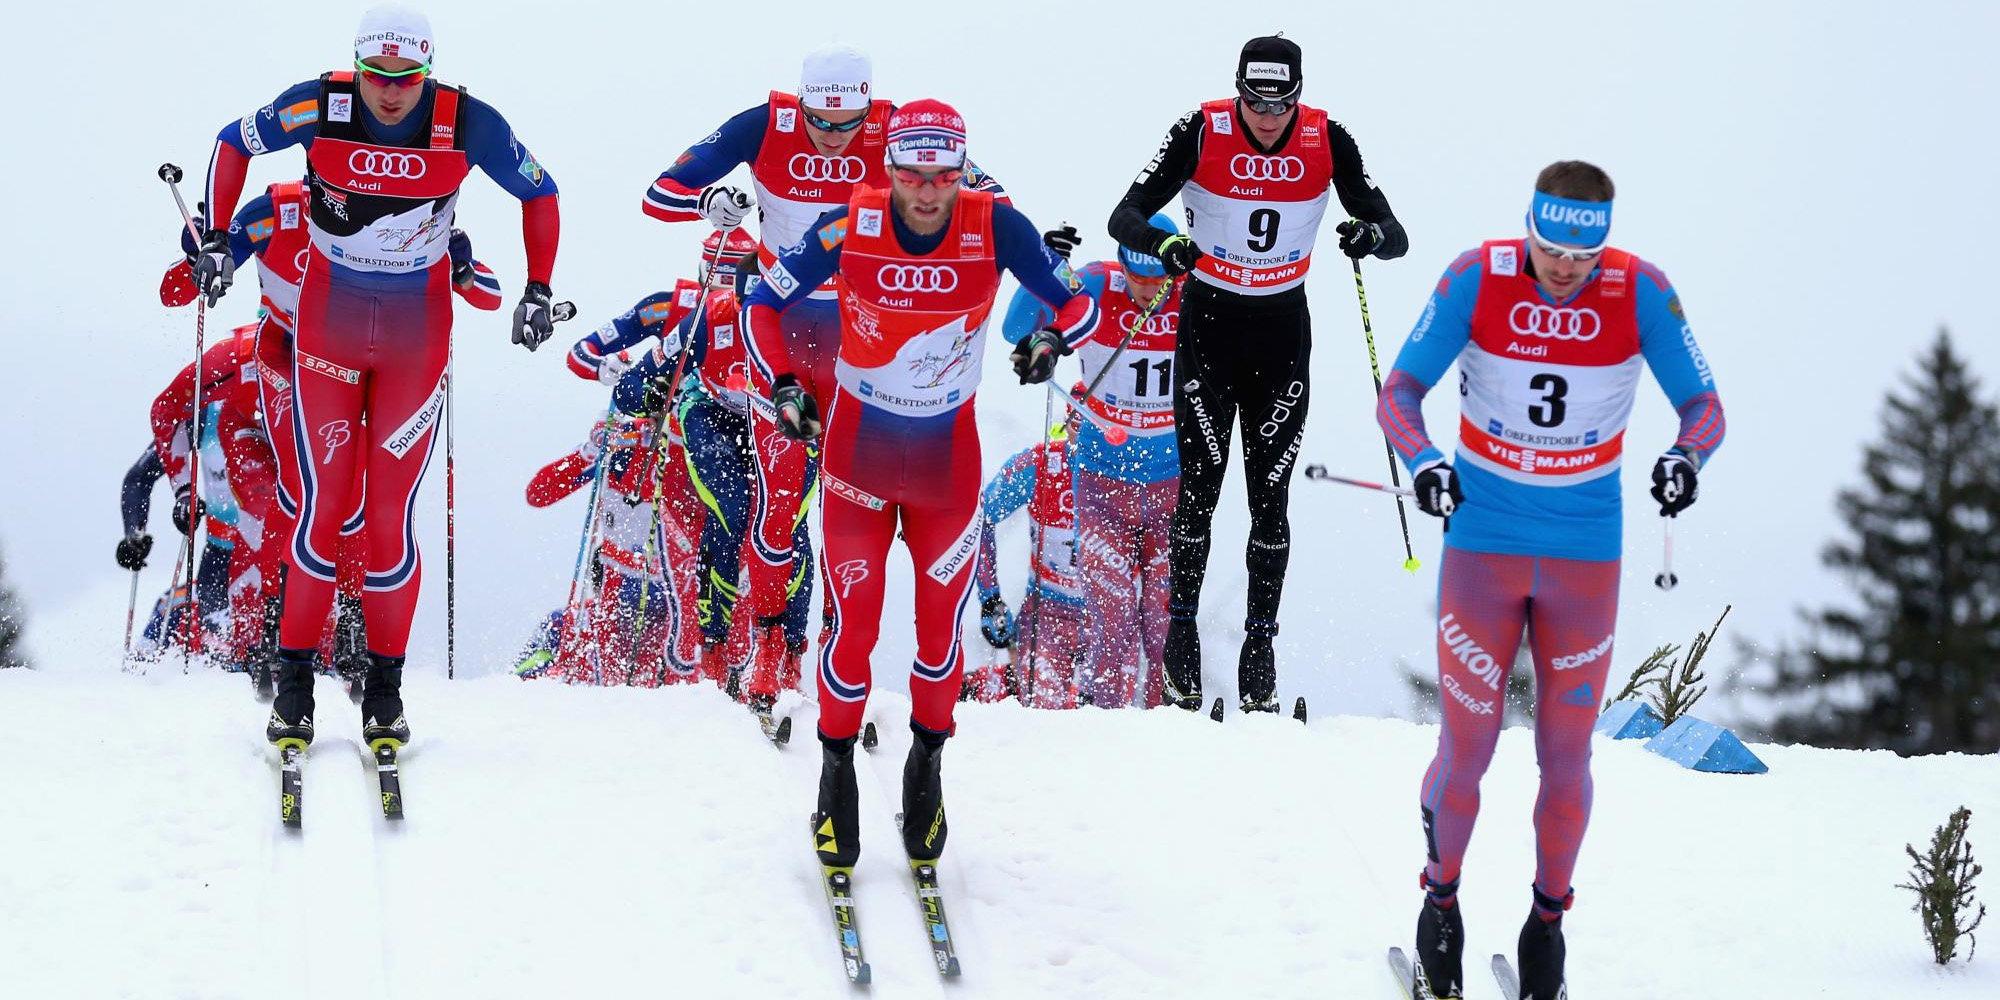 Остберг иИверсен выиграли масс-старт вОберстдорфе— Тур деСки